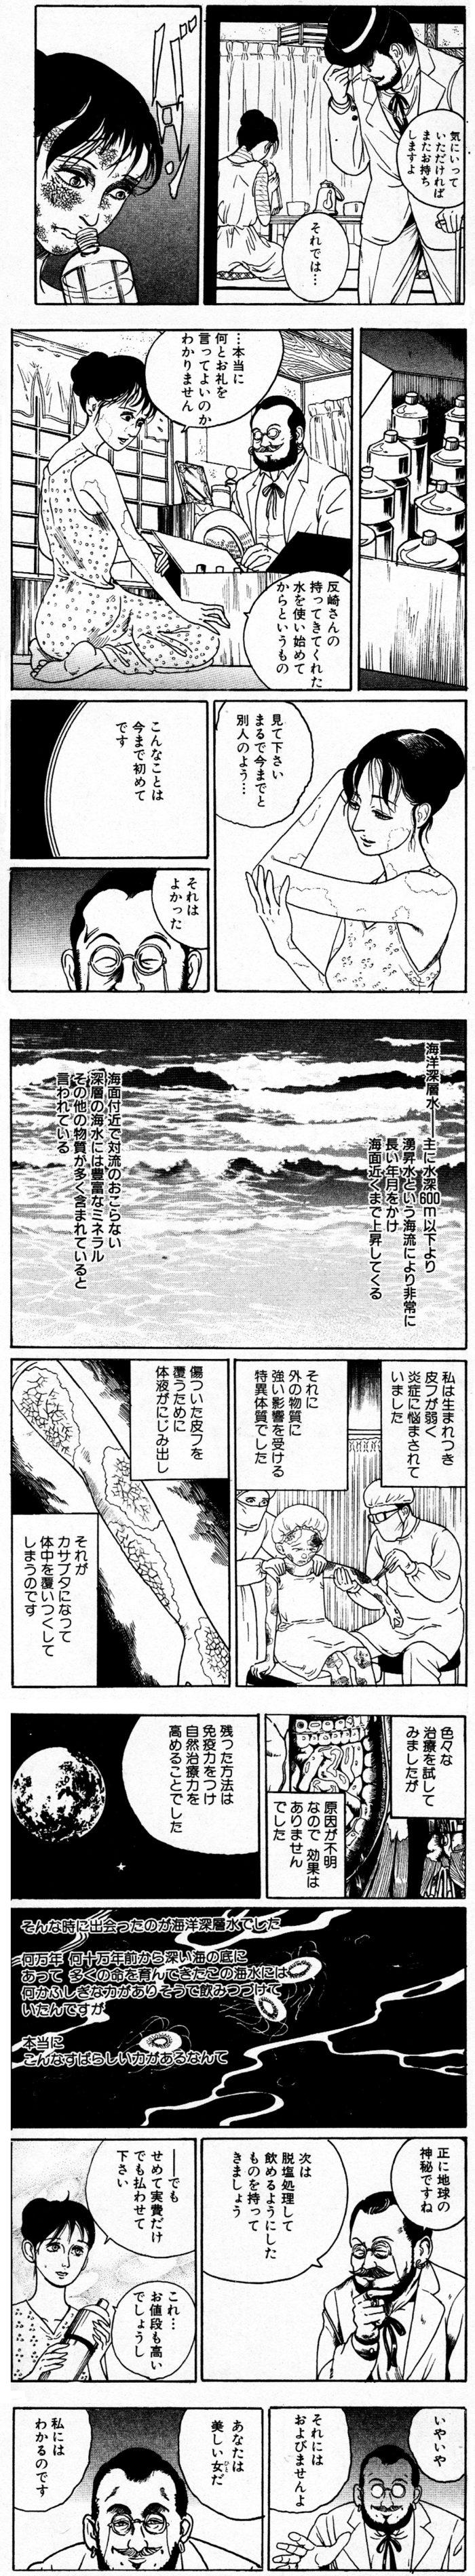 ankoku-shinkai-03